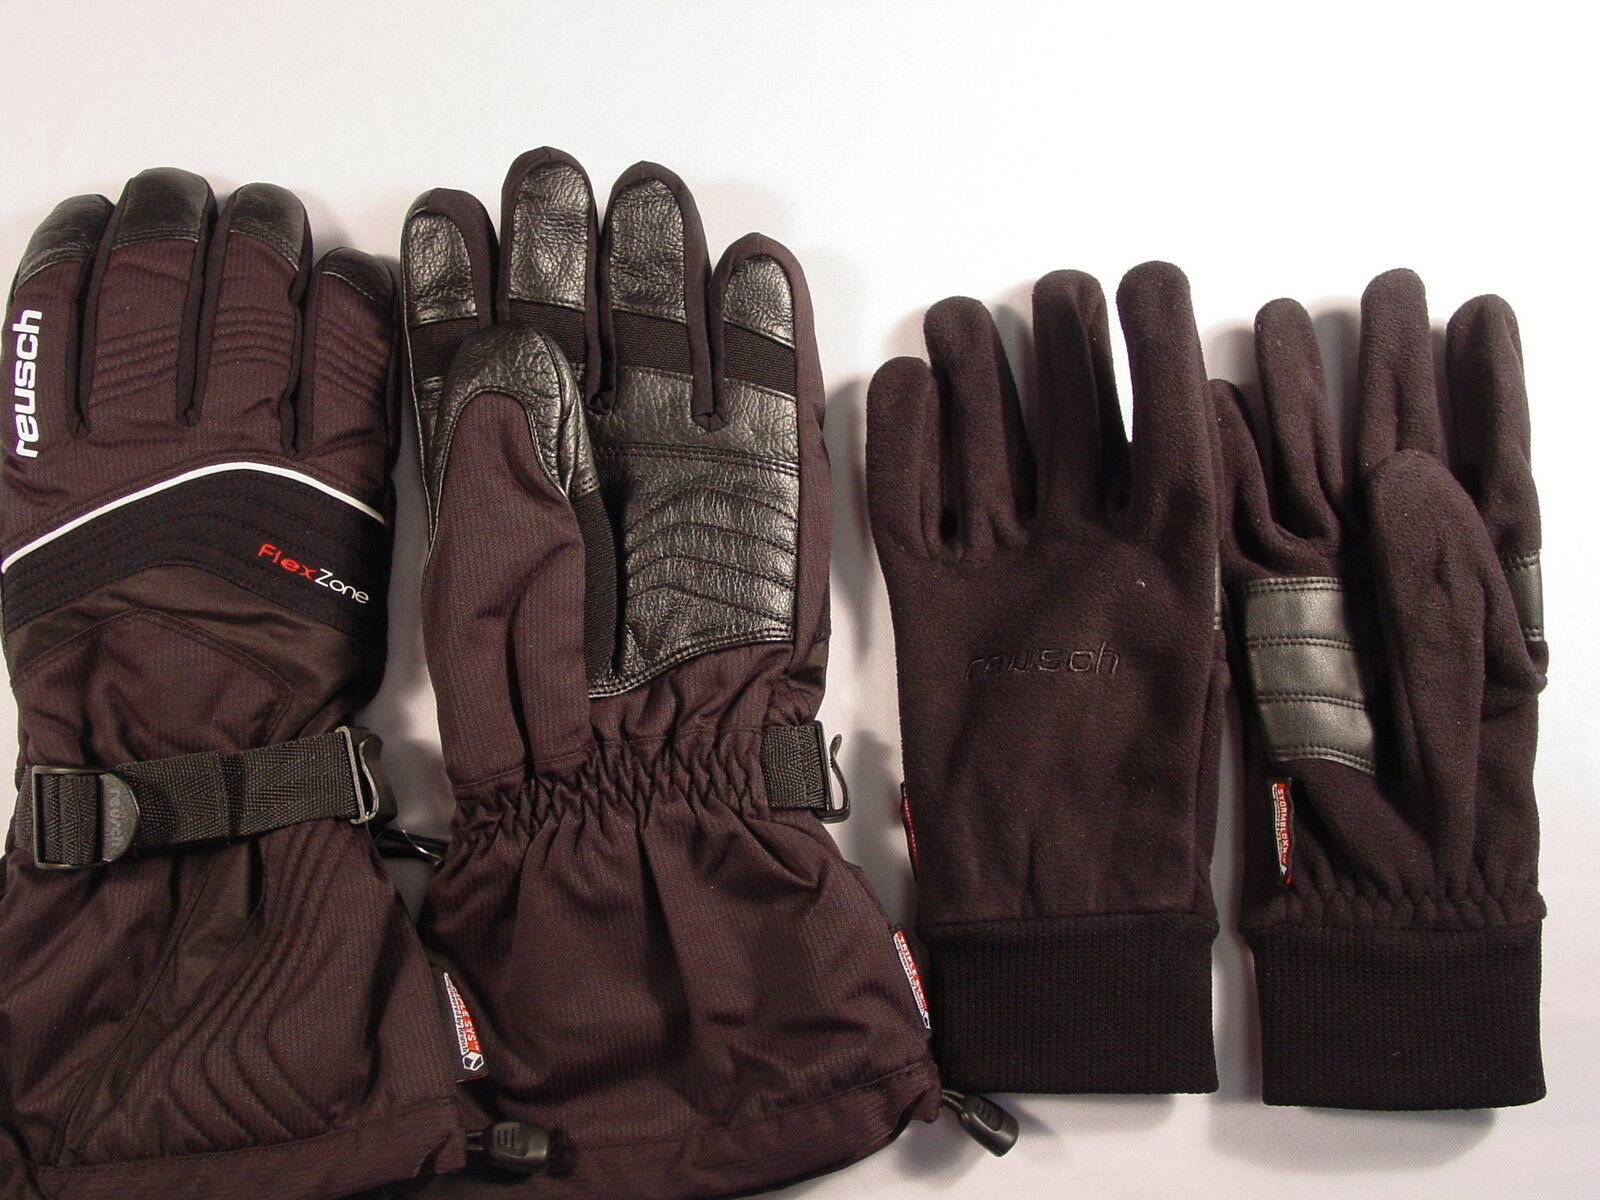 Reusch Ski Gloves Medium RLoft ThermoPro 3in1 Ski Gloves w/ Liners Medium Gloves 8.5 4002105 44f83a